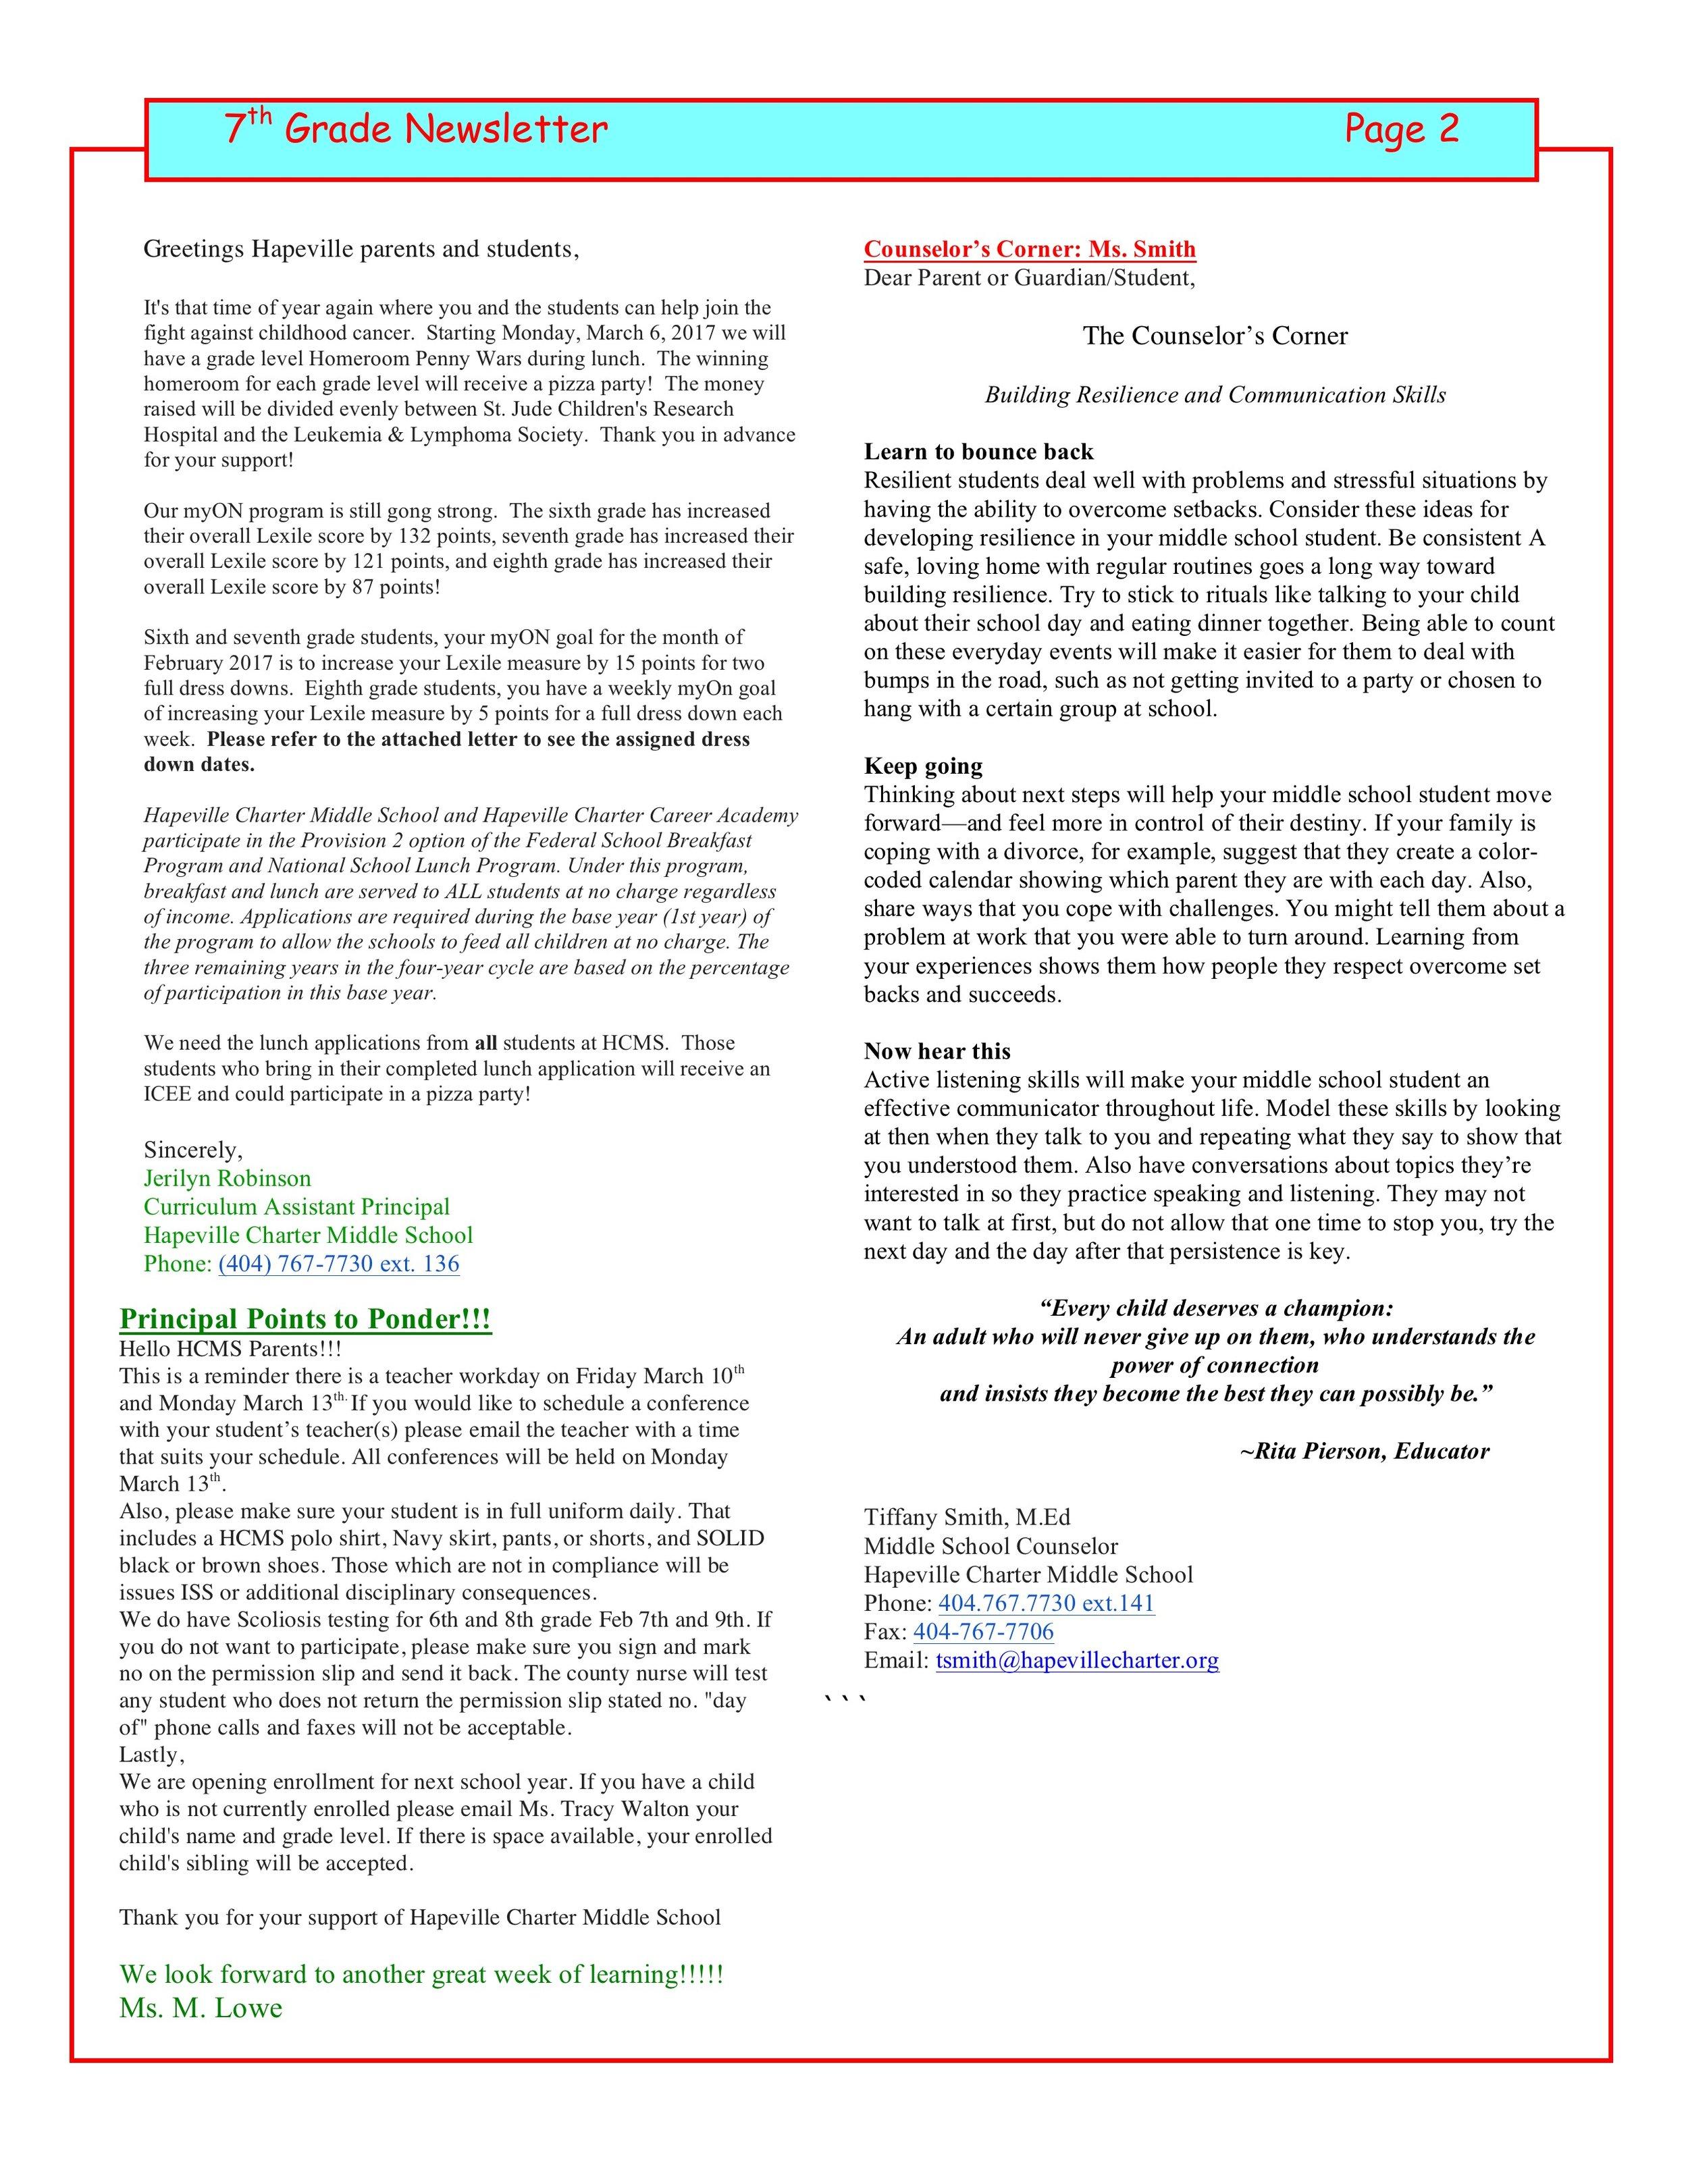 Newsletter Image7th Grade Newsletter 2-28-2017 revised  2.jpeg